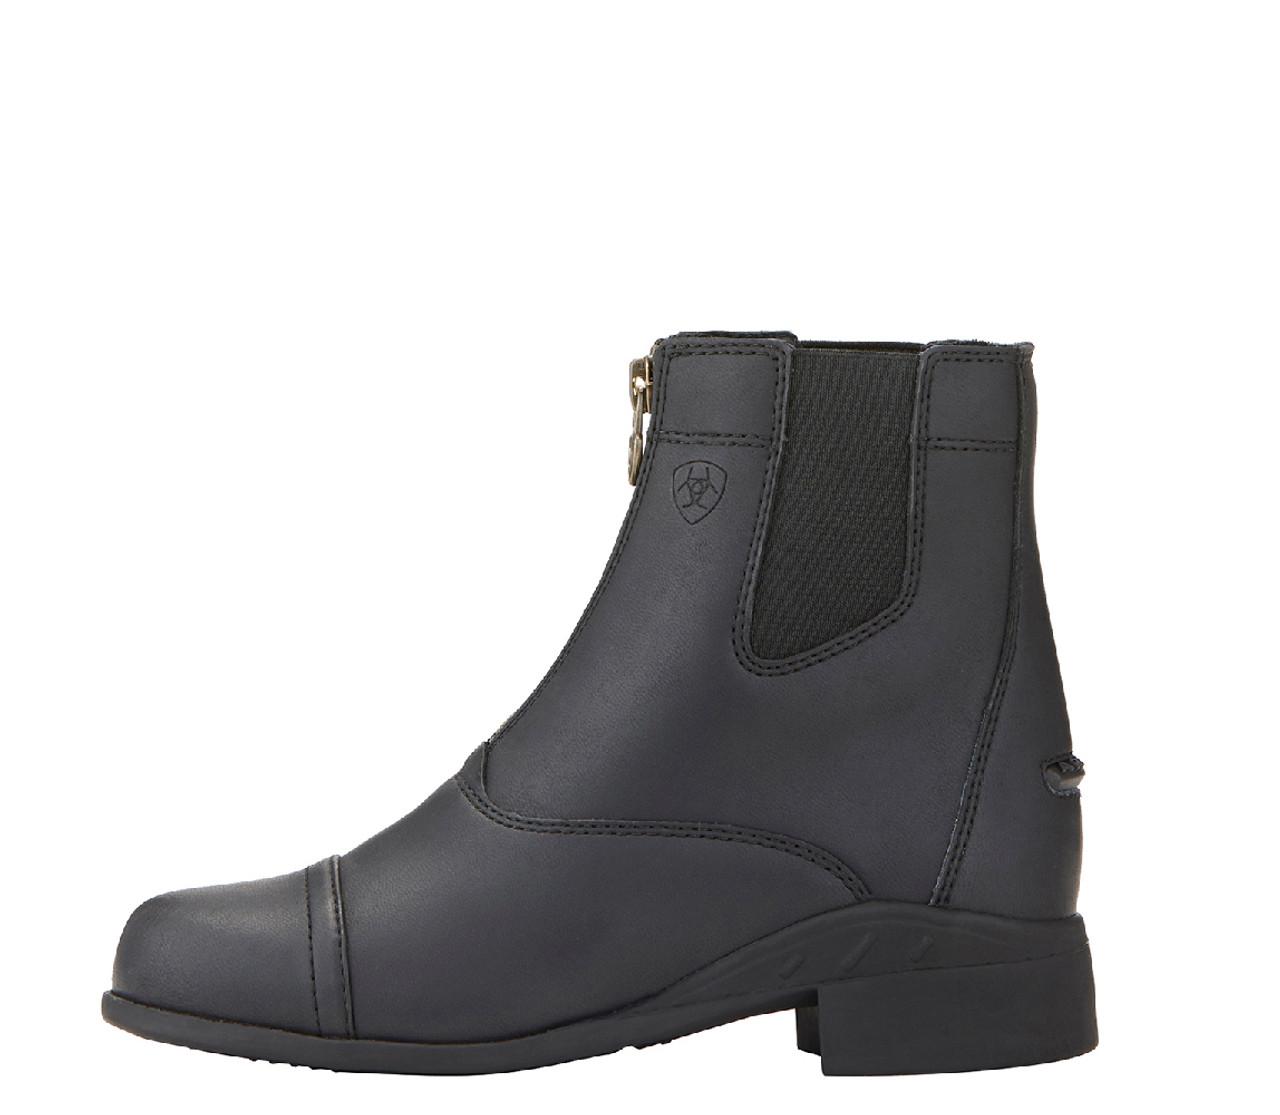 Ariat Kids Scout Zip Paddock Boot